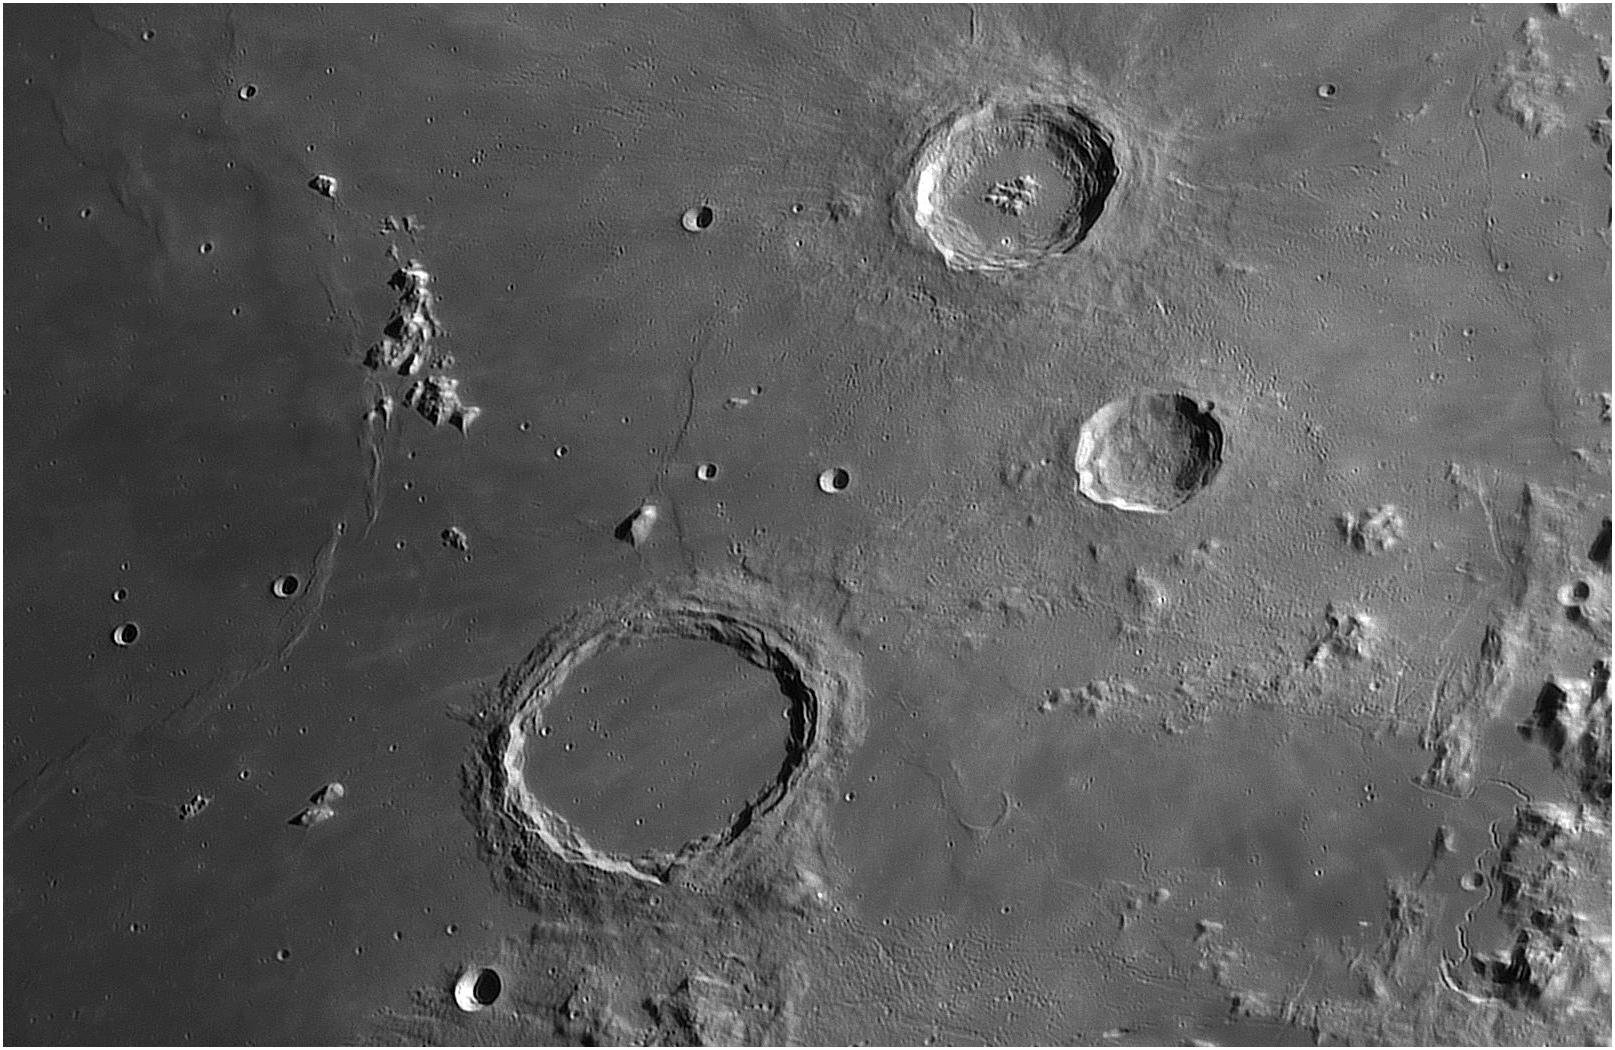 2019_05_13 région d'Archimède